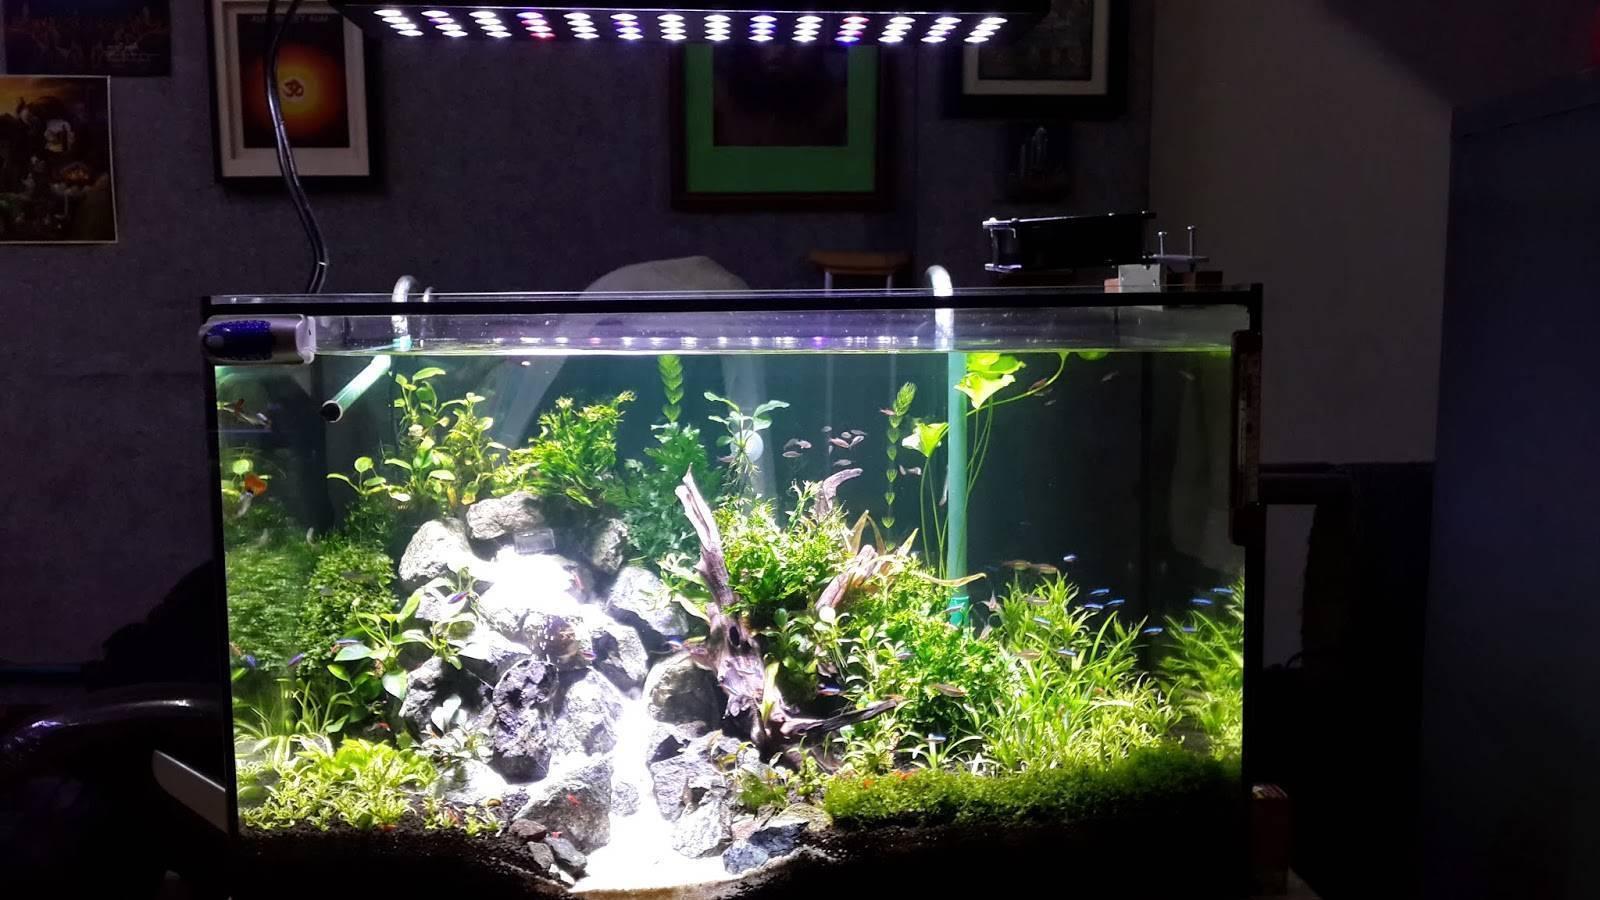 Освещение аквариума: лампы т5 и т8, люминесцентная подводная подсветка для роста растений и другие аквариумные светильники